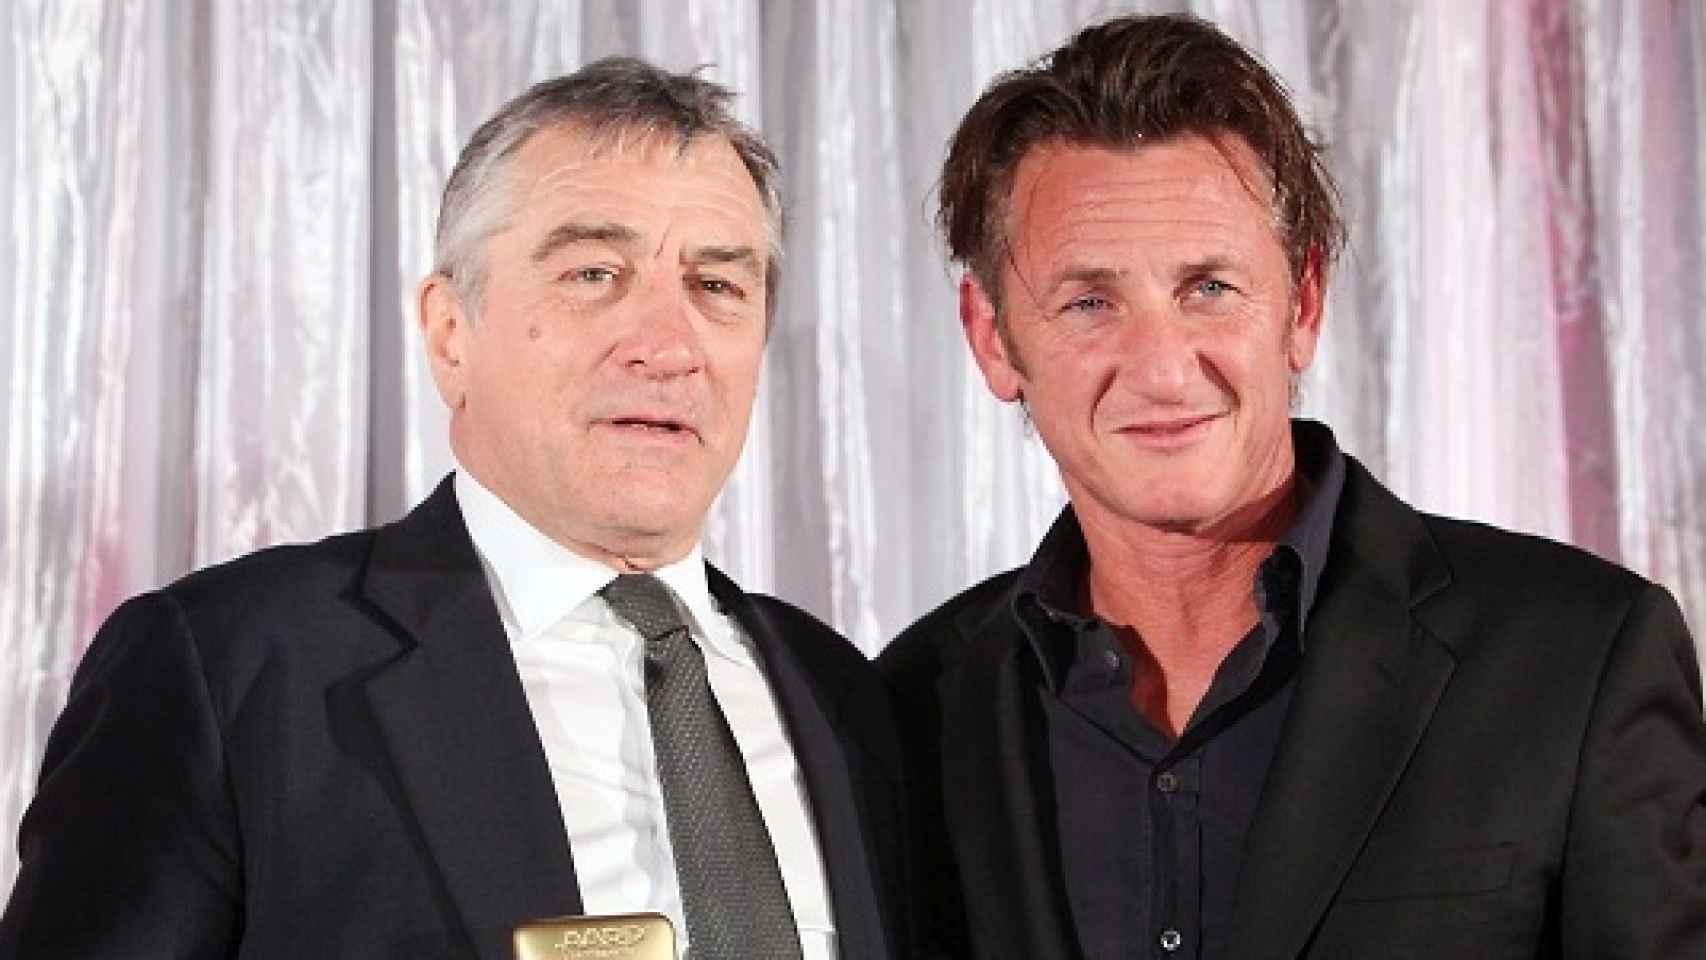 Robert de Niro y Sean Penn celebran hoy su cumpleaños.